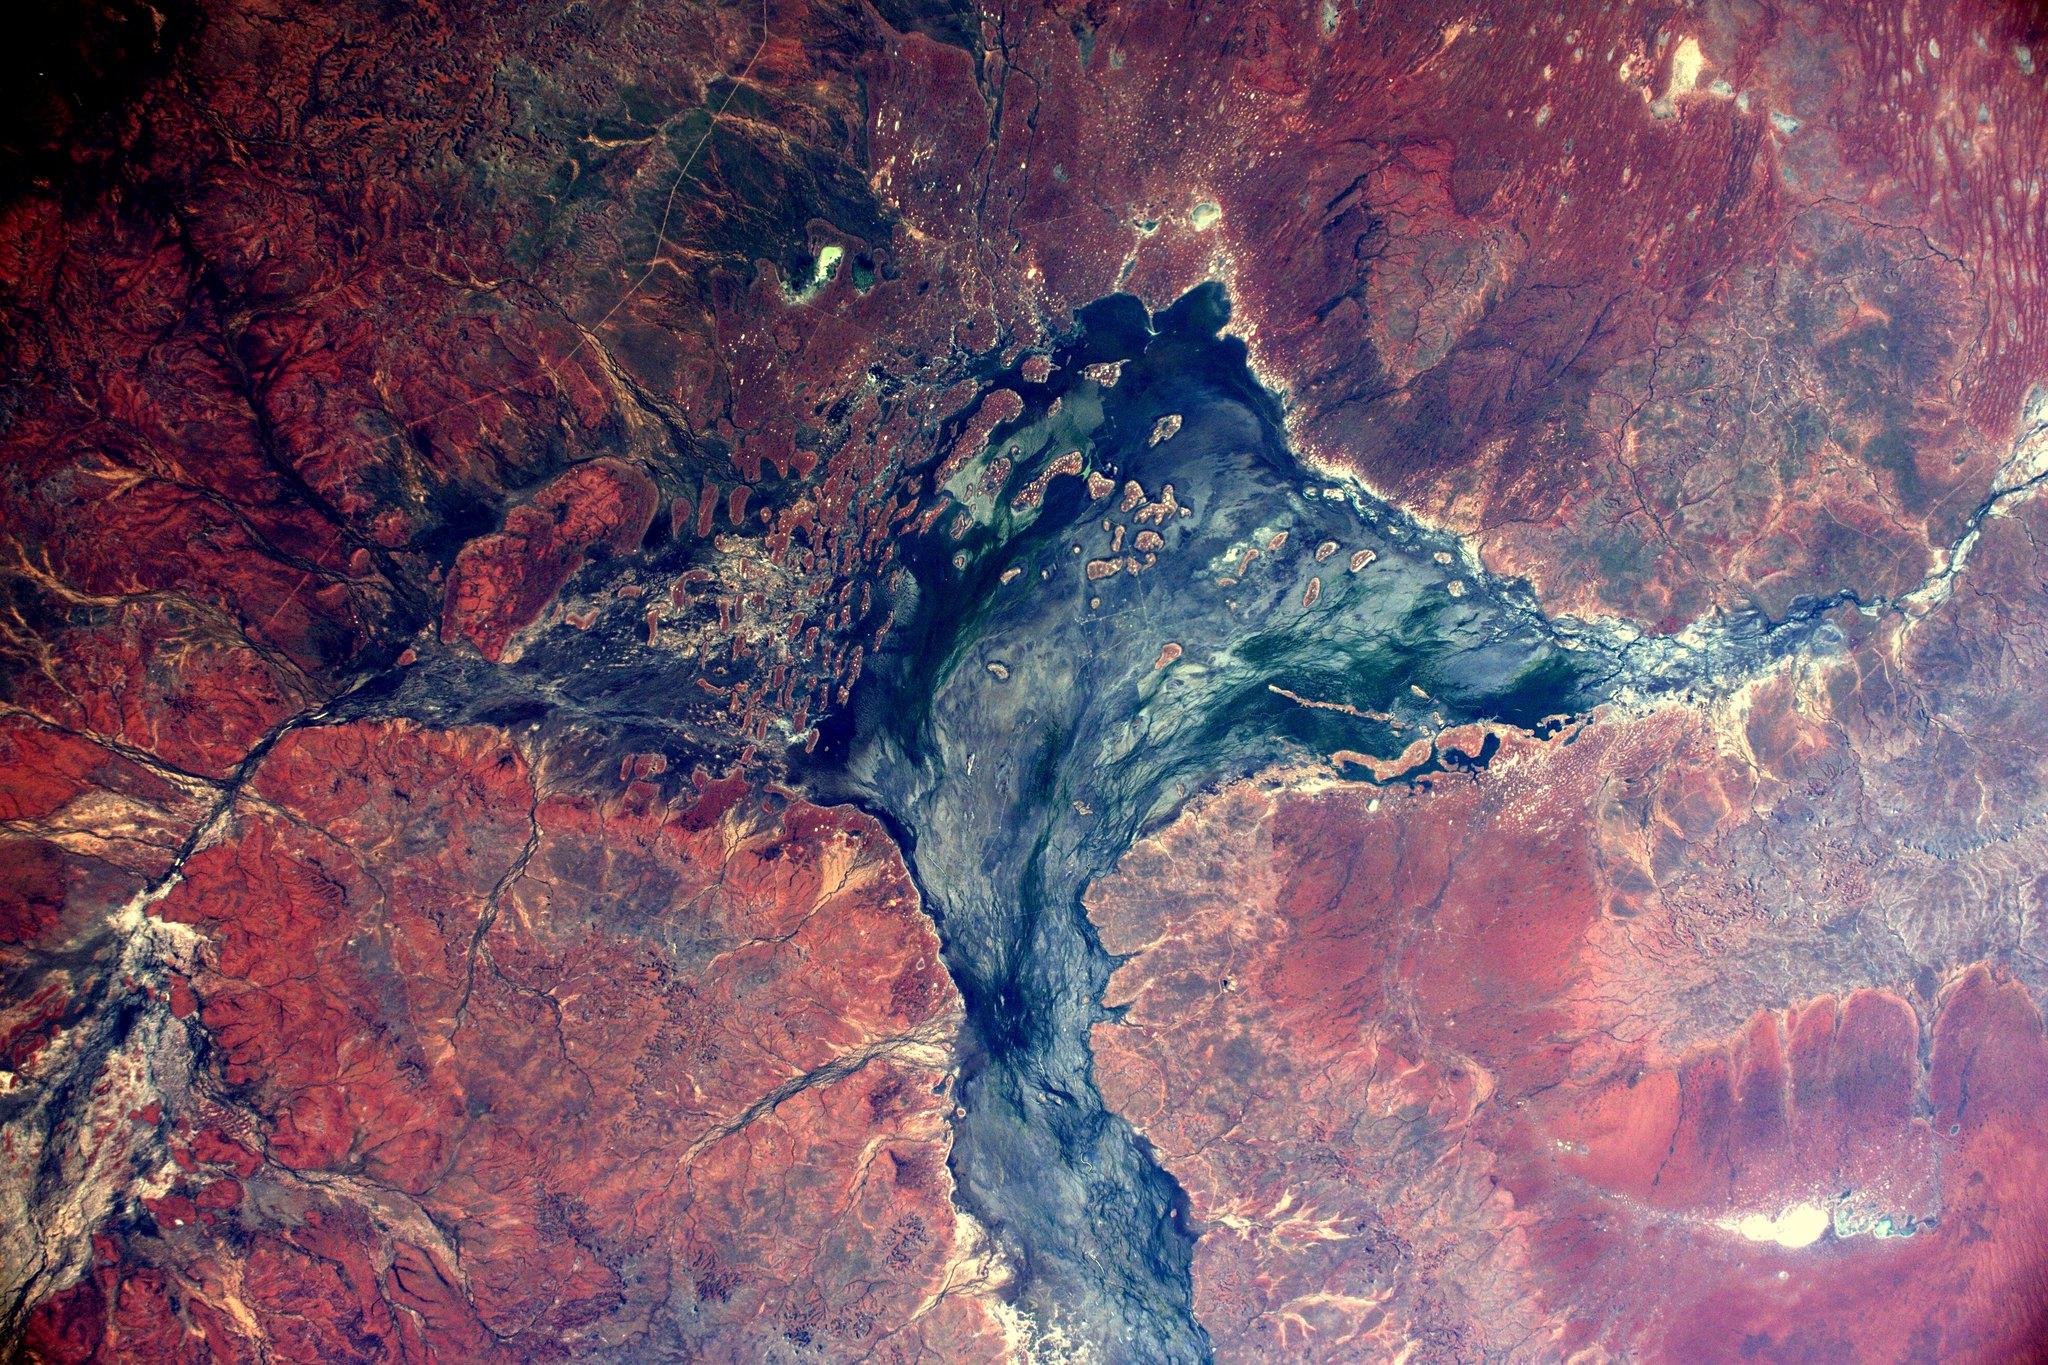 French Astronaut Thomas Pesquet - Australian Outback